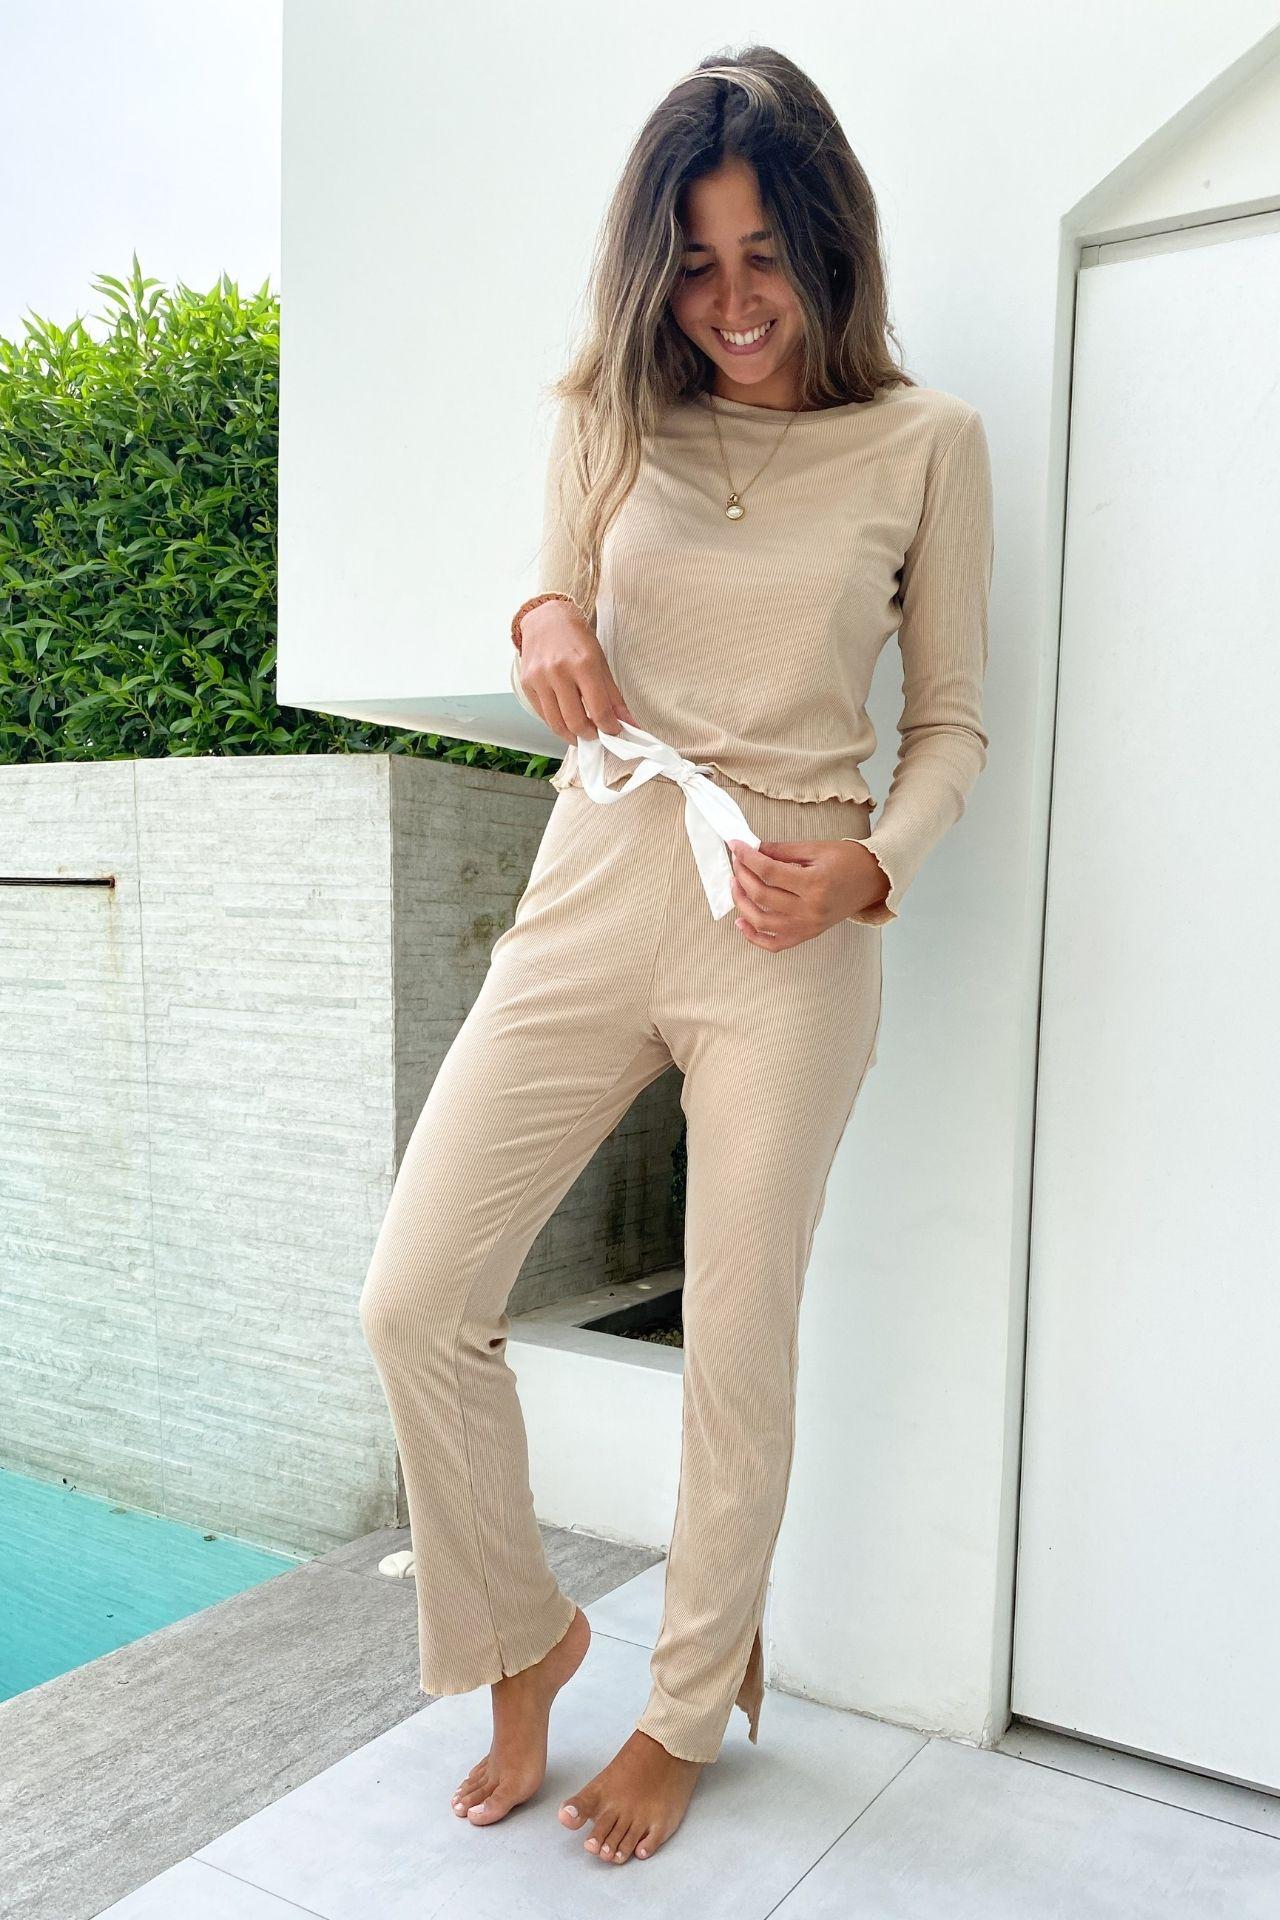 Pijama de algodón rib viscosa perfecto para este invierno.  Con detalles en bastas y terminaciones de polo y pantalón.  Cuidados: no usar secadora, lavar con agua fria.